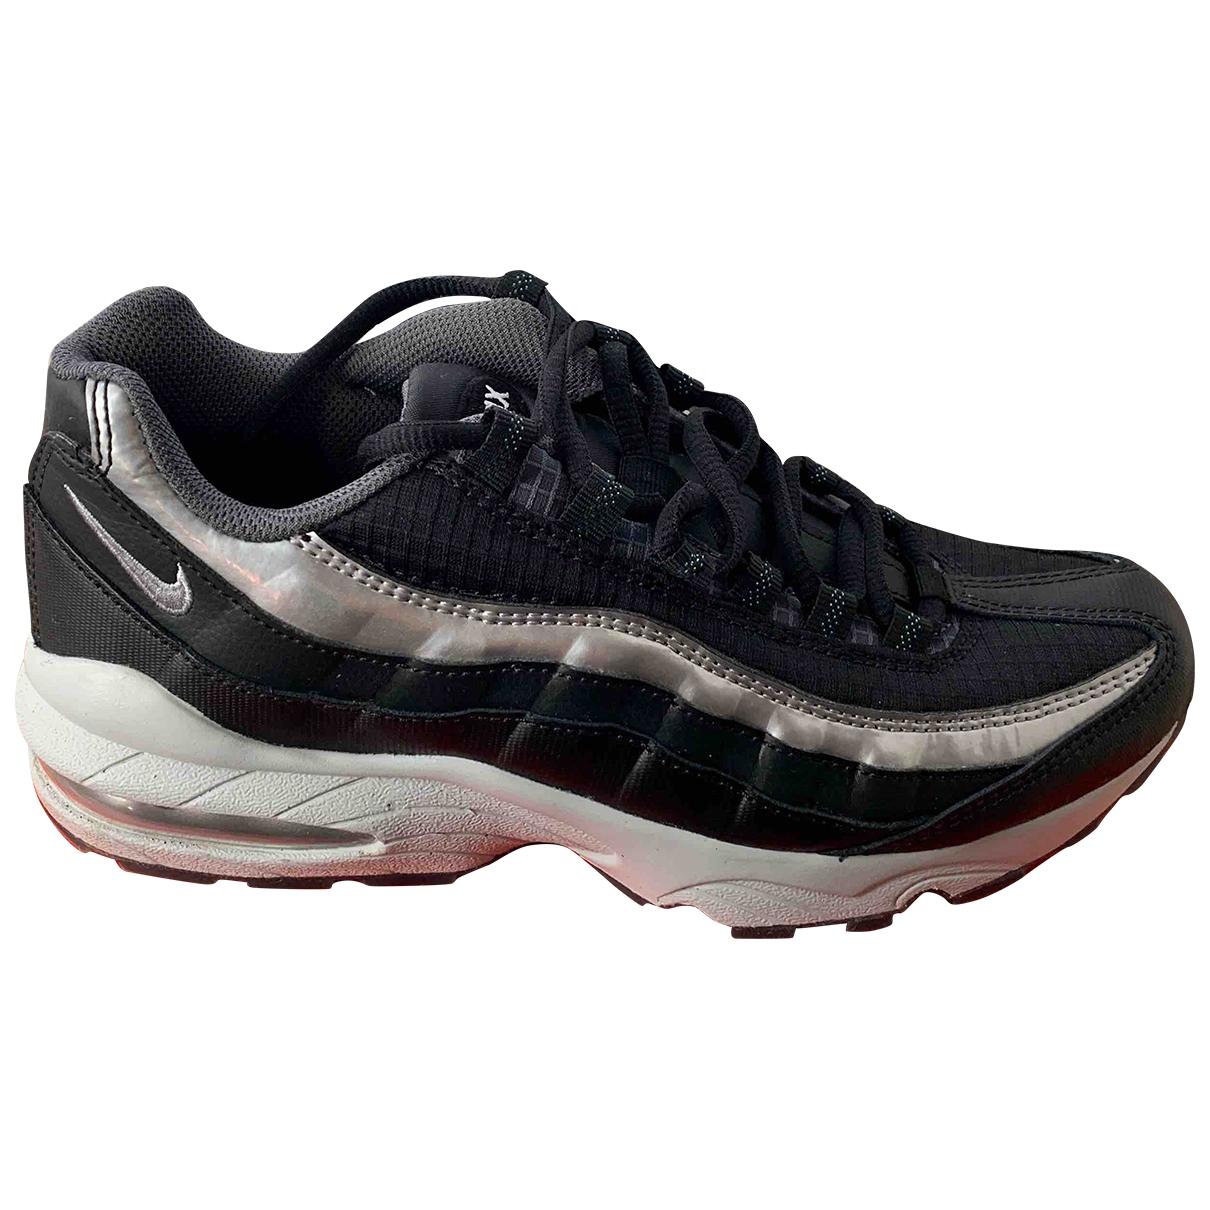 Nike - Baskets Air Max 95 pour homme en toile - noir